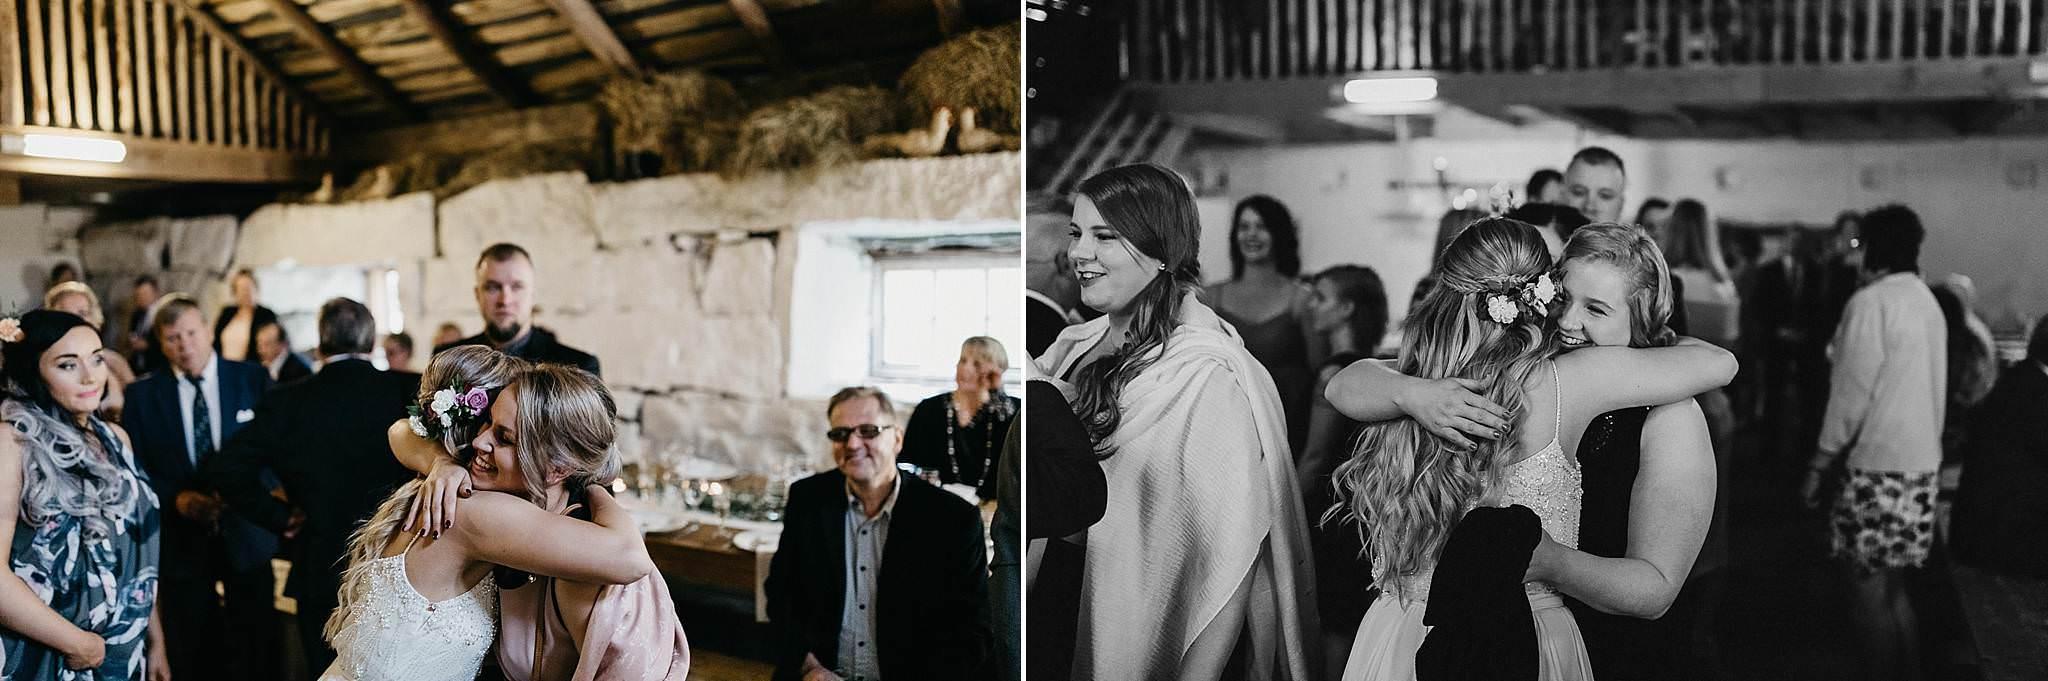 Haakuvaus_wedding_jyvaskyla_muurame_tuomiston_tila_0167.jpg